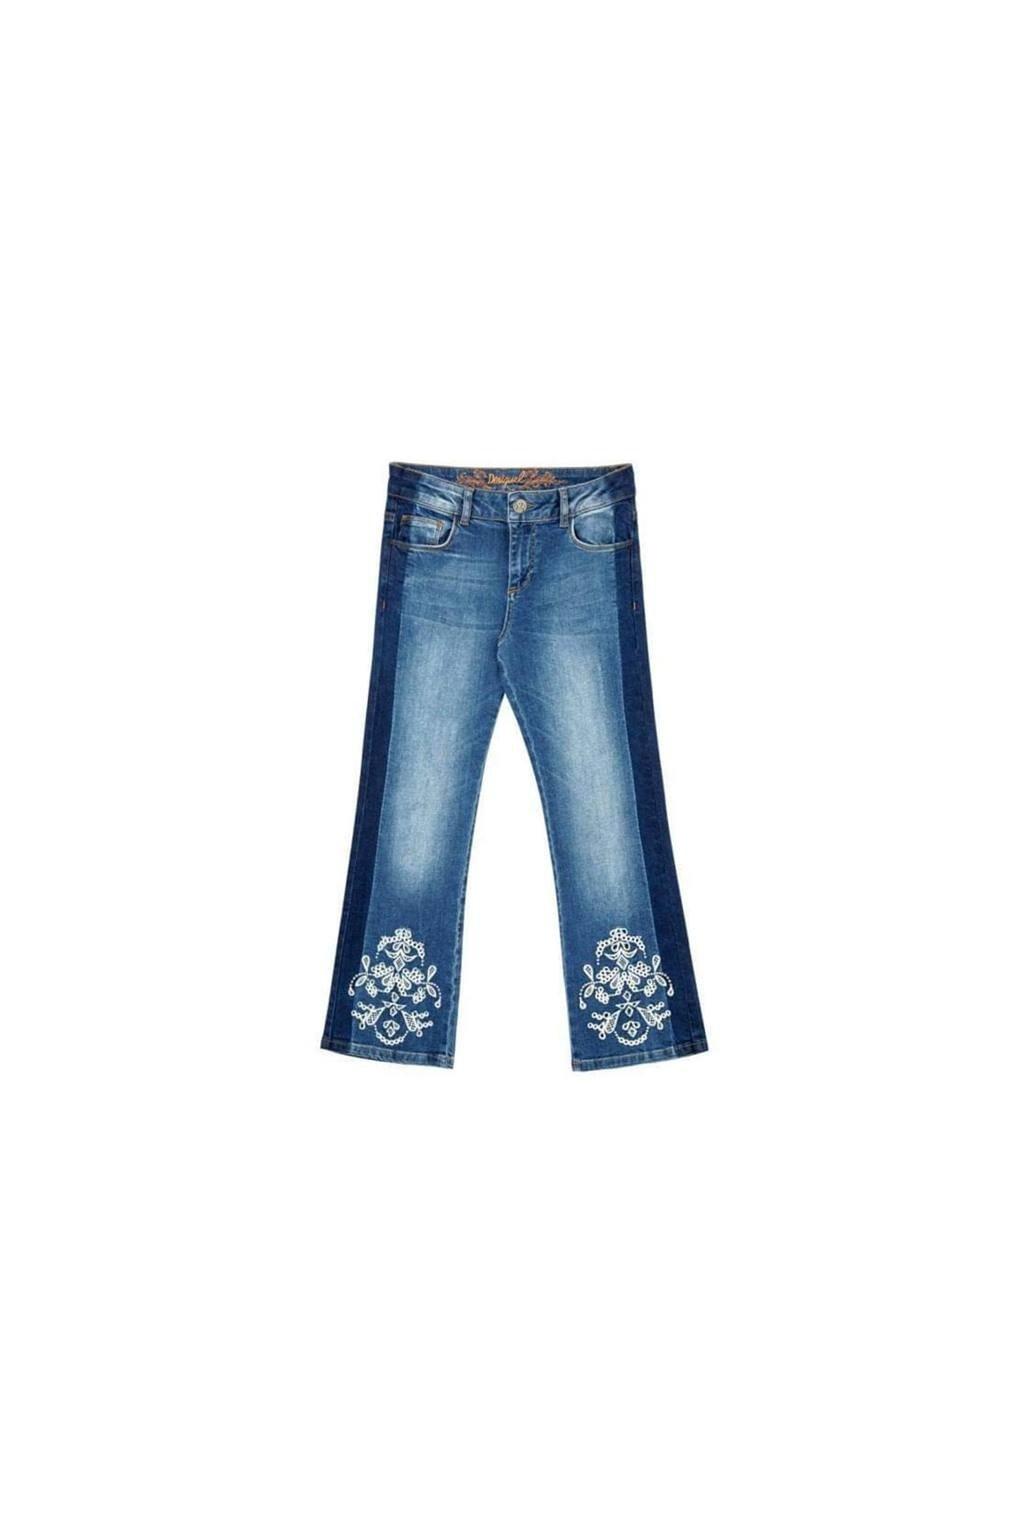 Dámské kalhoty Desigual 18SWDD36/5053